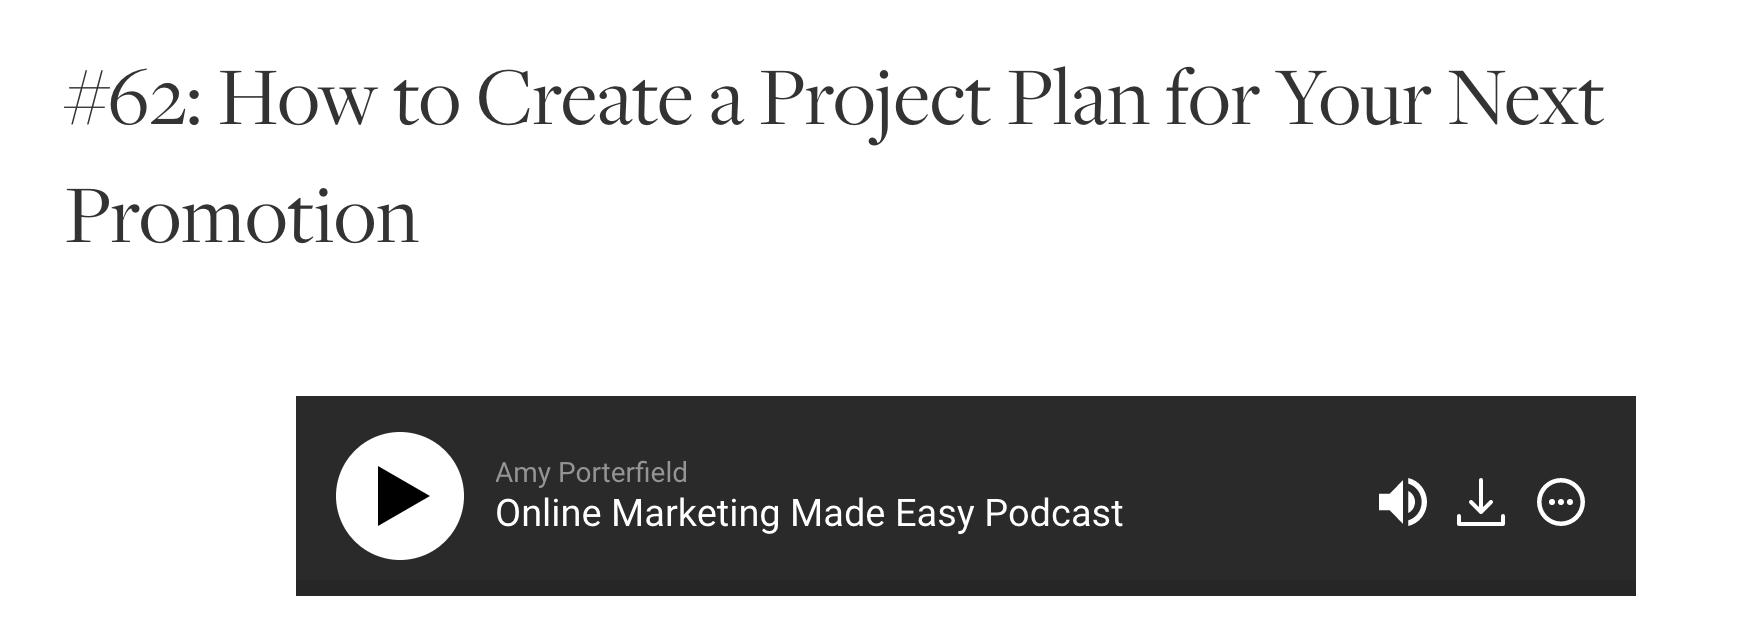 Content Upgrade für Podcasts und Blogs